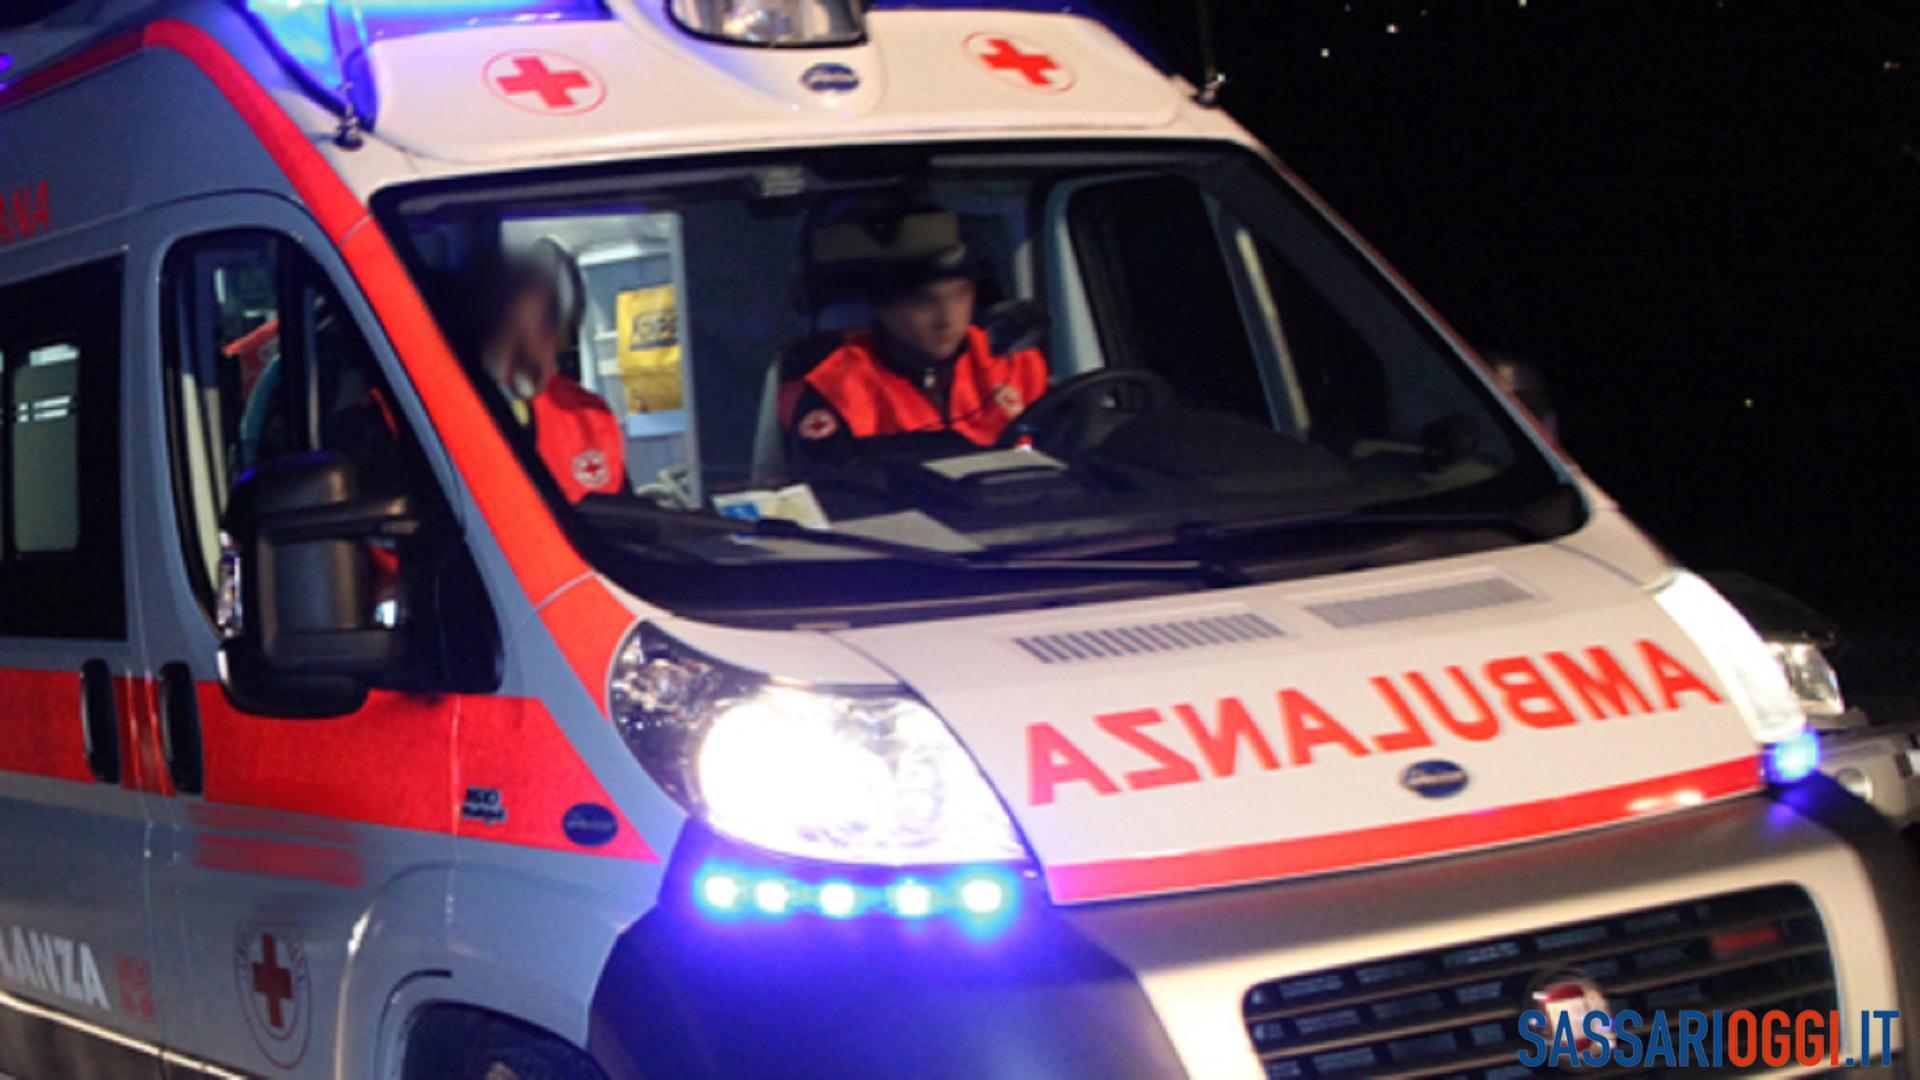 Sardara, incidente in direzione Oristano, ferito un 19enne di Alghero - Sassari Oggi